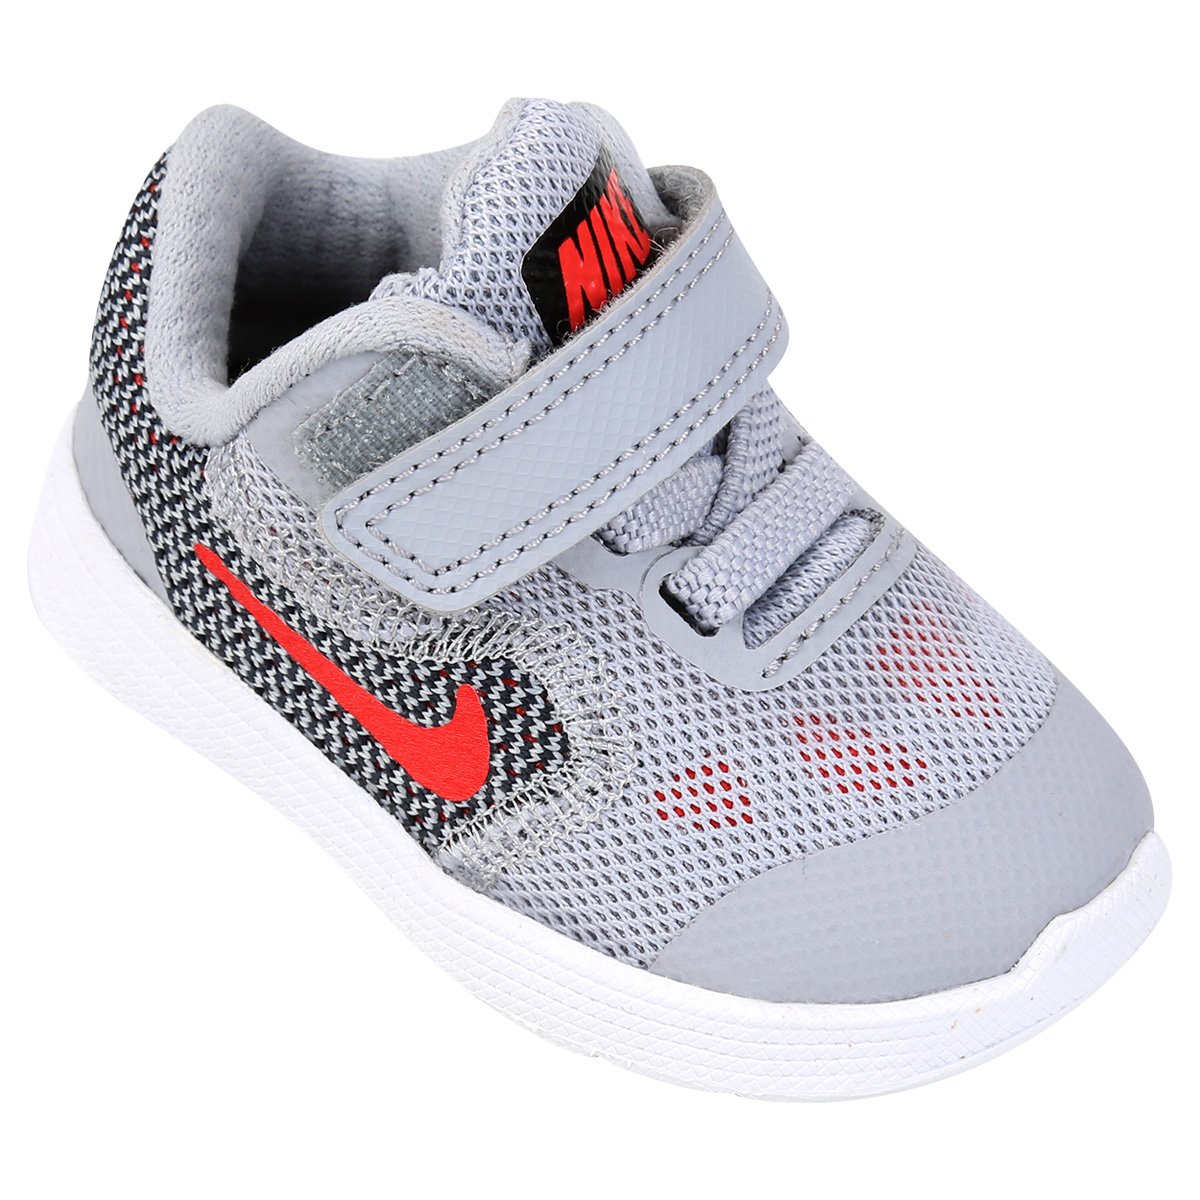 e25cc6b7a1 Tênis Infantil Nike Revolution 3 - Cinza e Vermelho